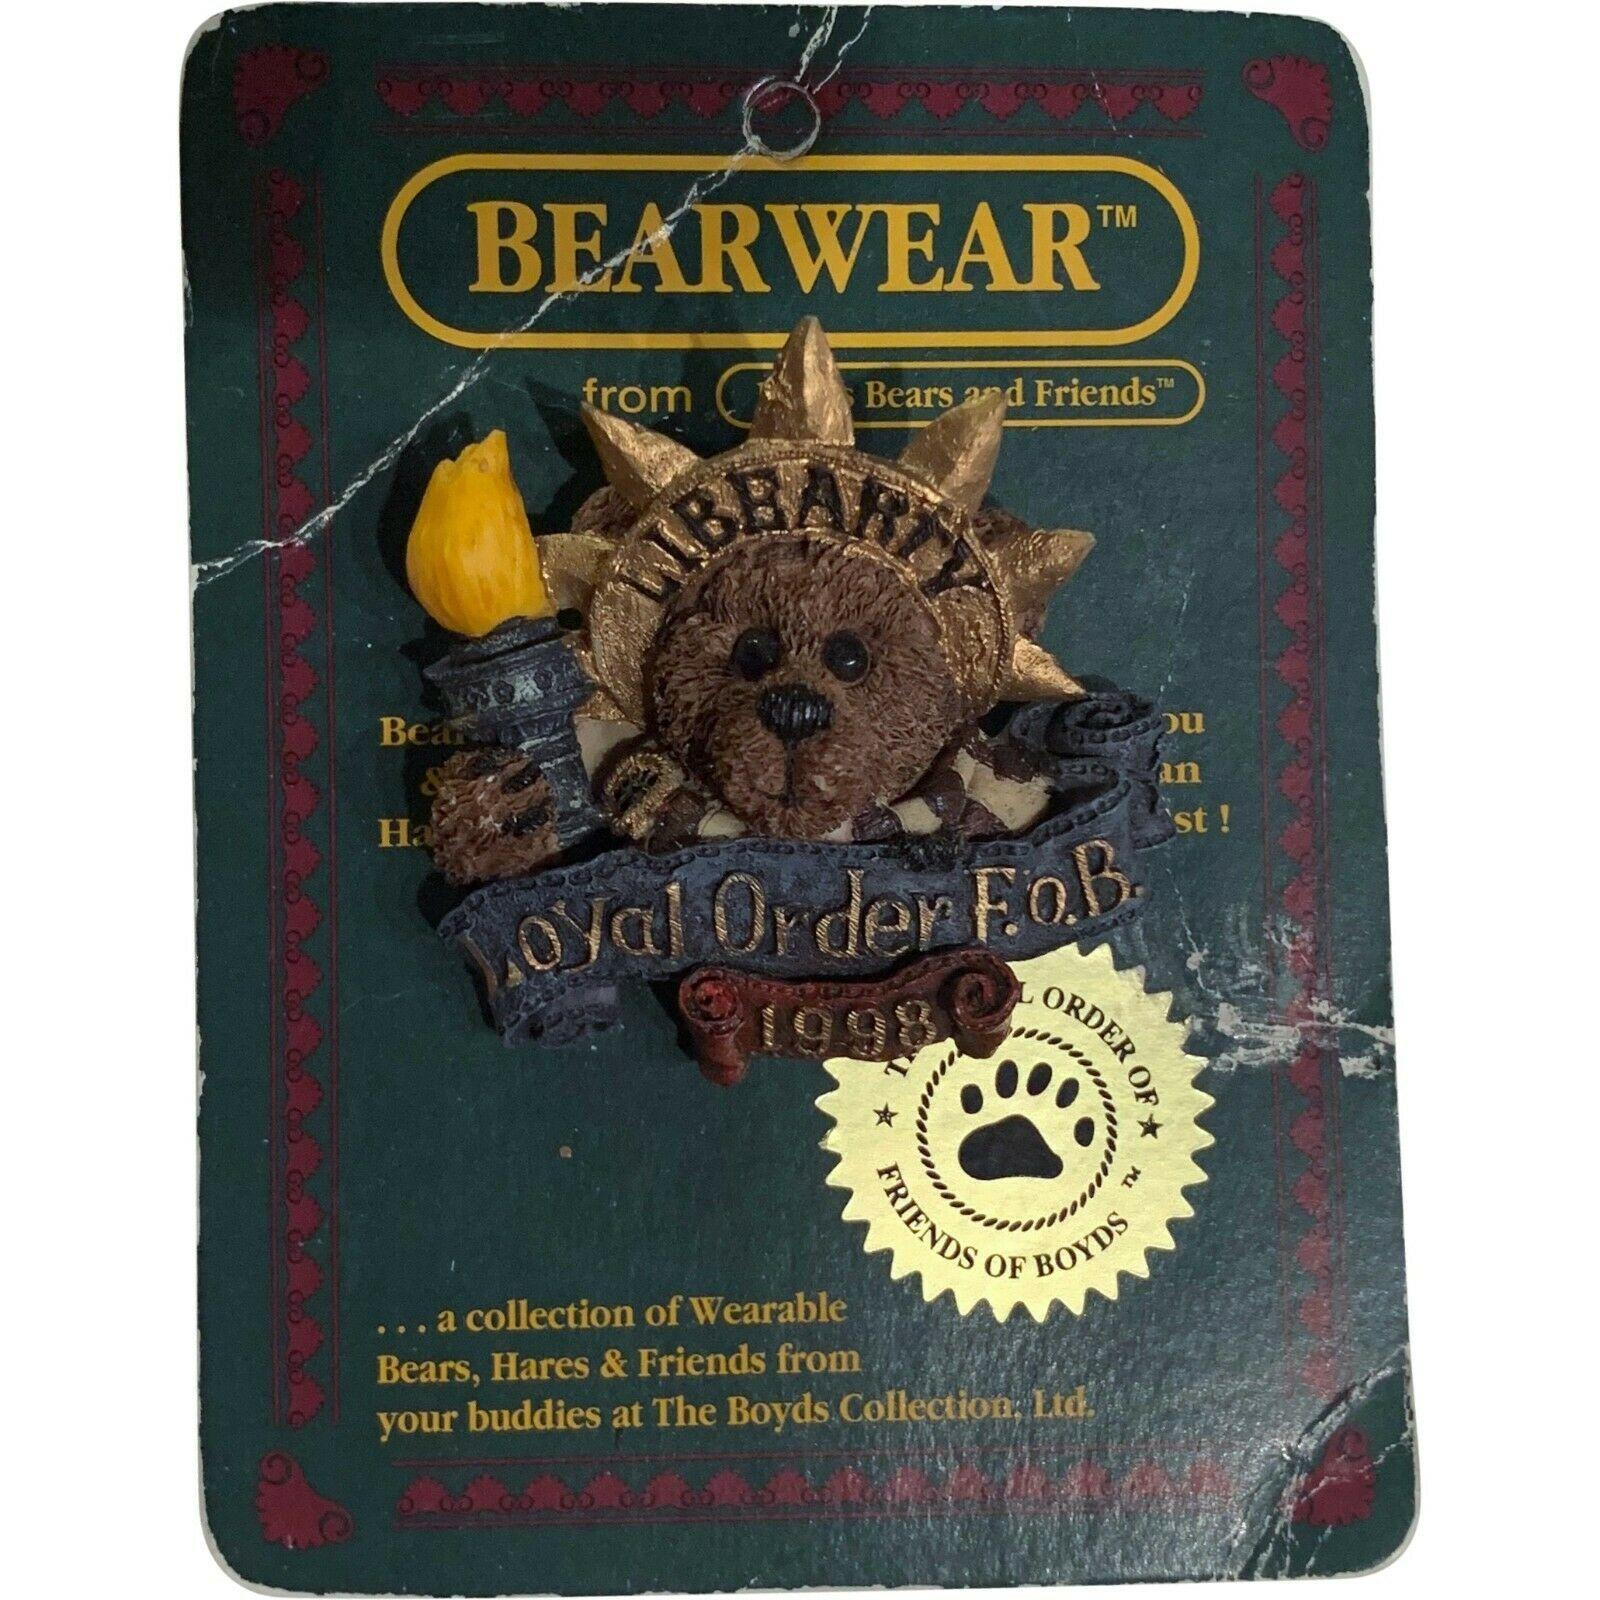 Boyds Bears Pin Bearwear Boyds And Friends Loyal Order F.O.B 1998 Lady Libearty - $4.99